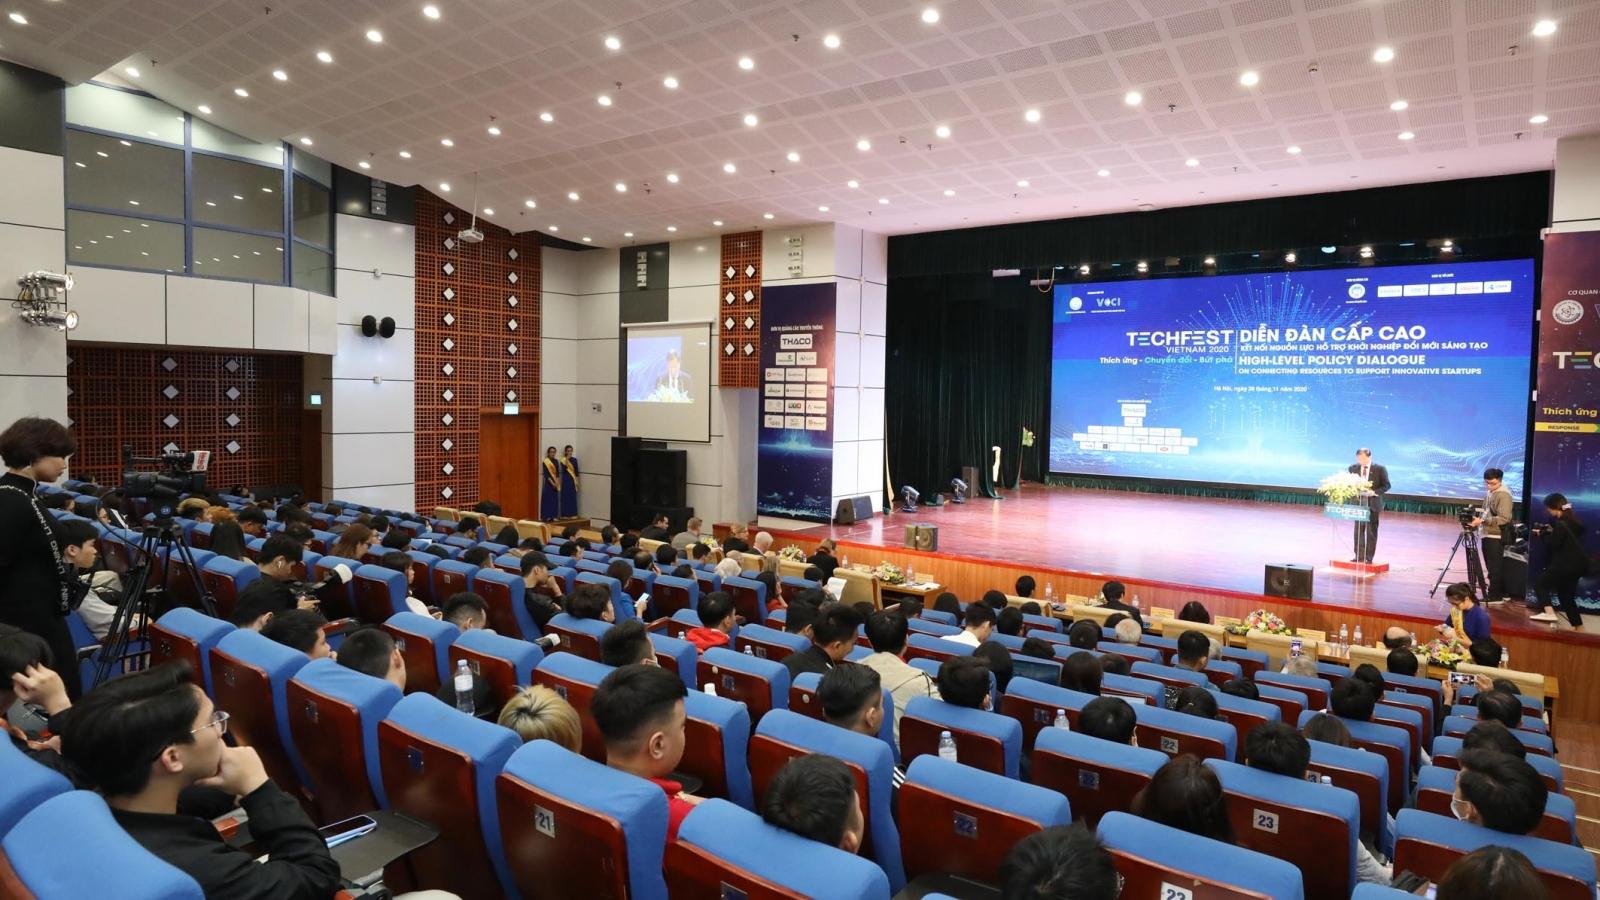 Kết nối cácnguồn lực đểhỗ trợ khởi nghiệp đổi mới sáng tạotại Việt Nam